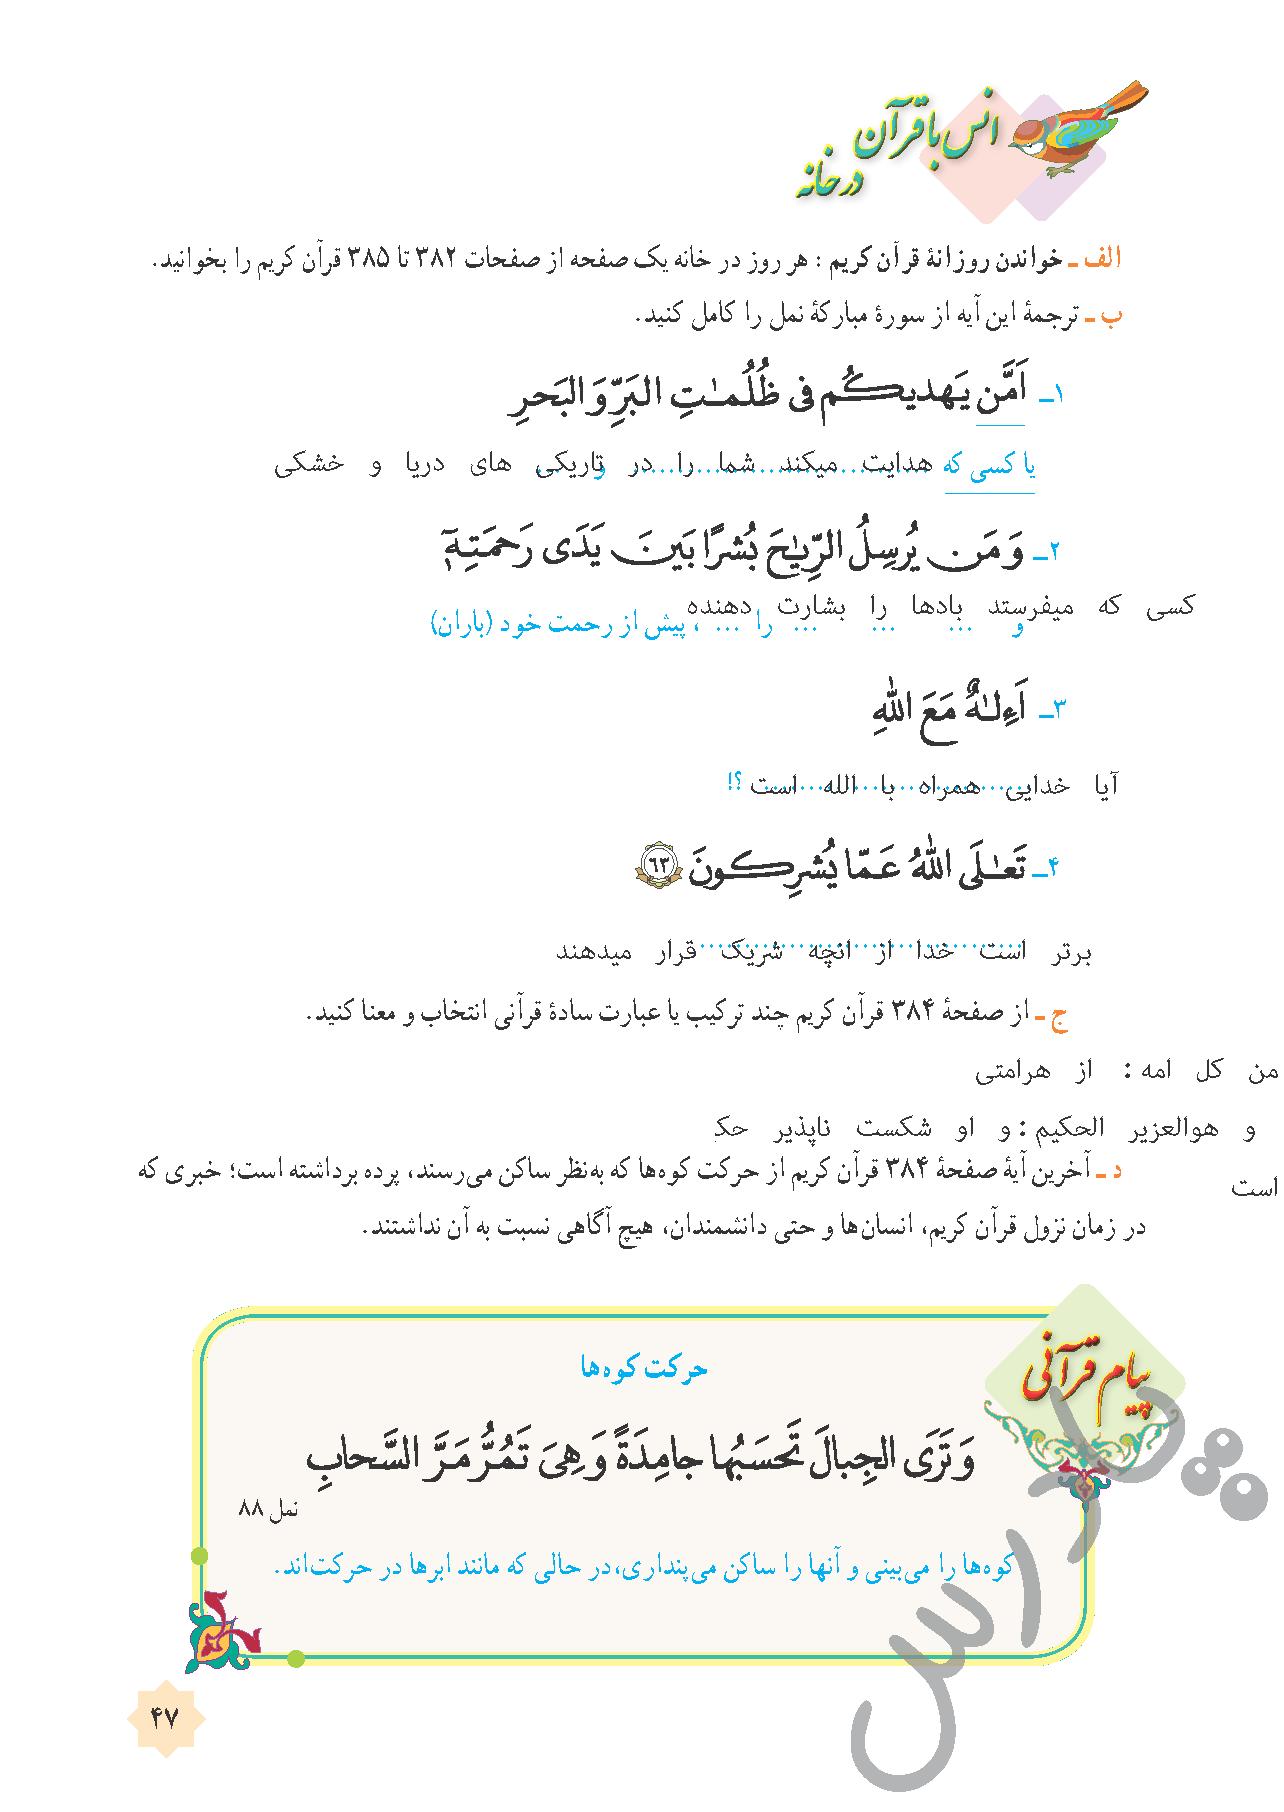 جواب انس با قرآن درس4 قرآن هشتم